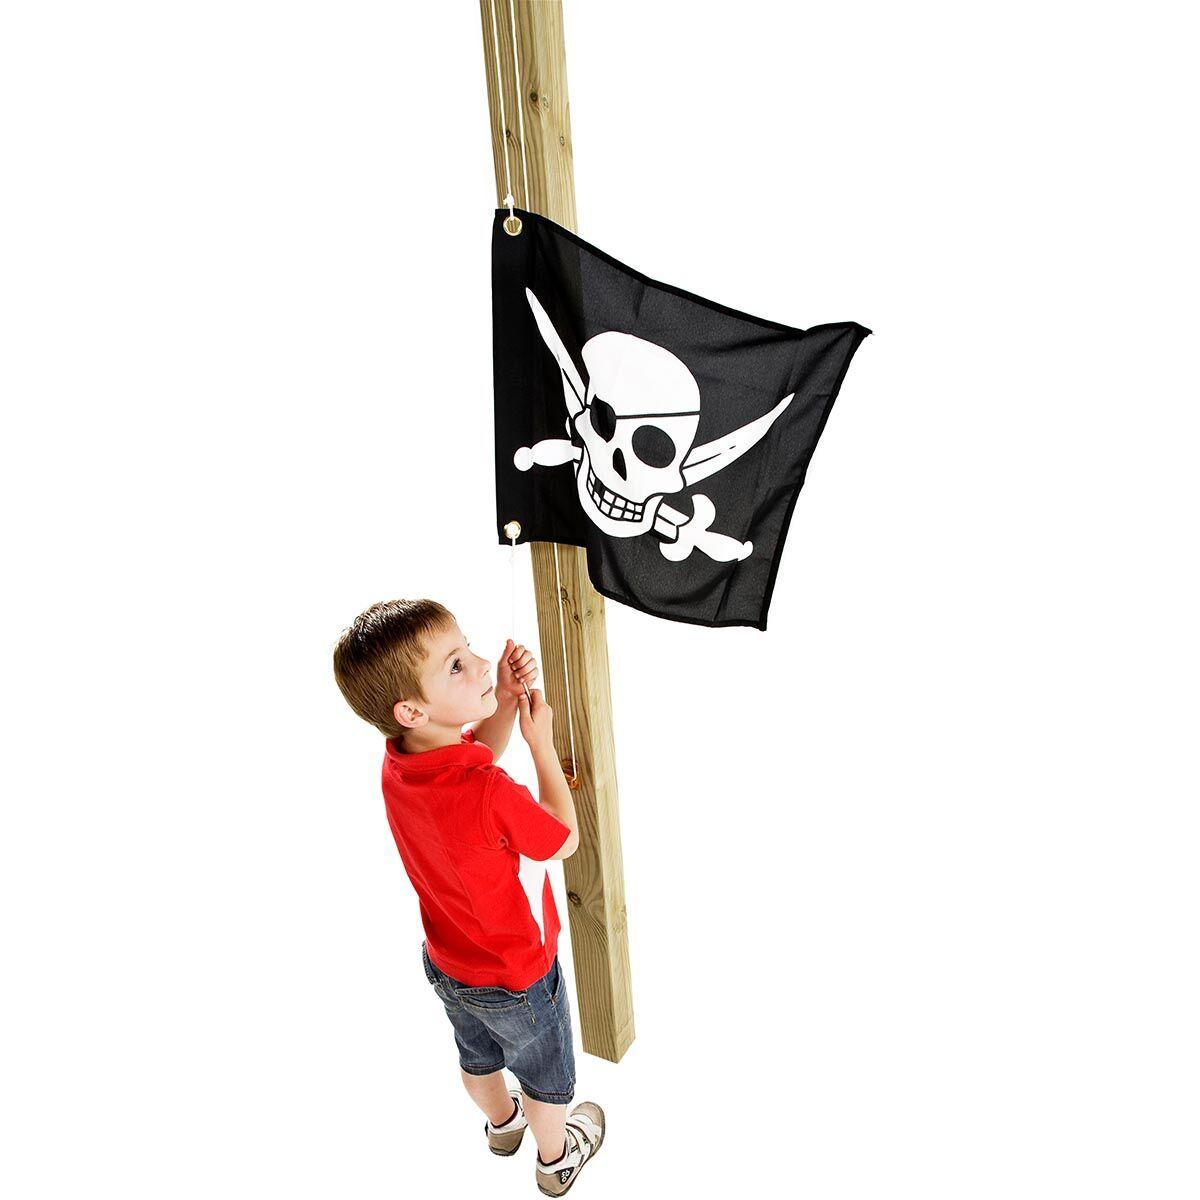 KBT Drapeau Pirate avec Système de Hissage pour Tour de jeux - 550 x 450 mm